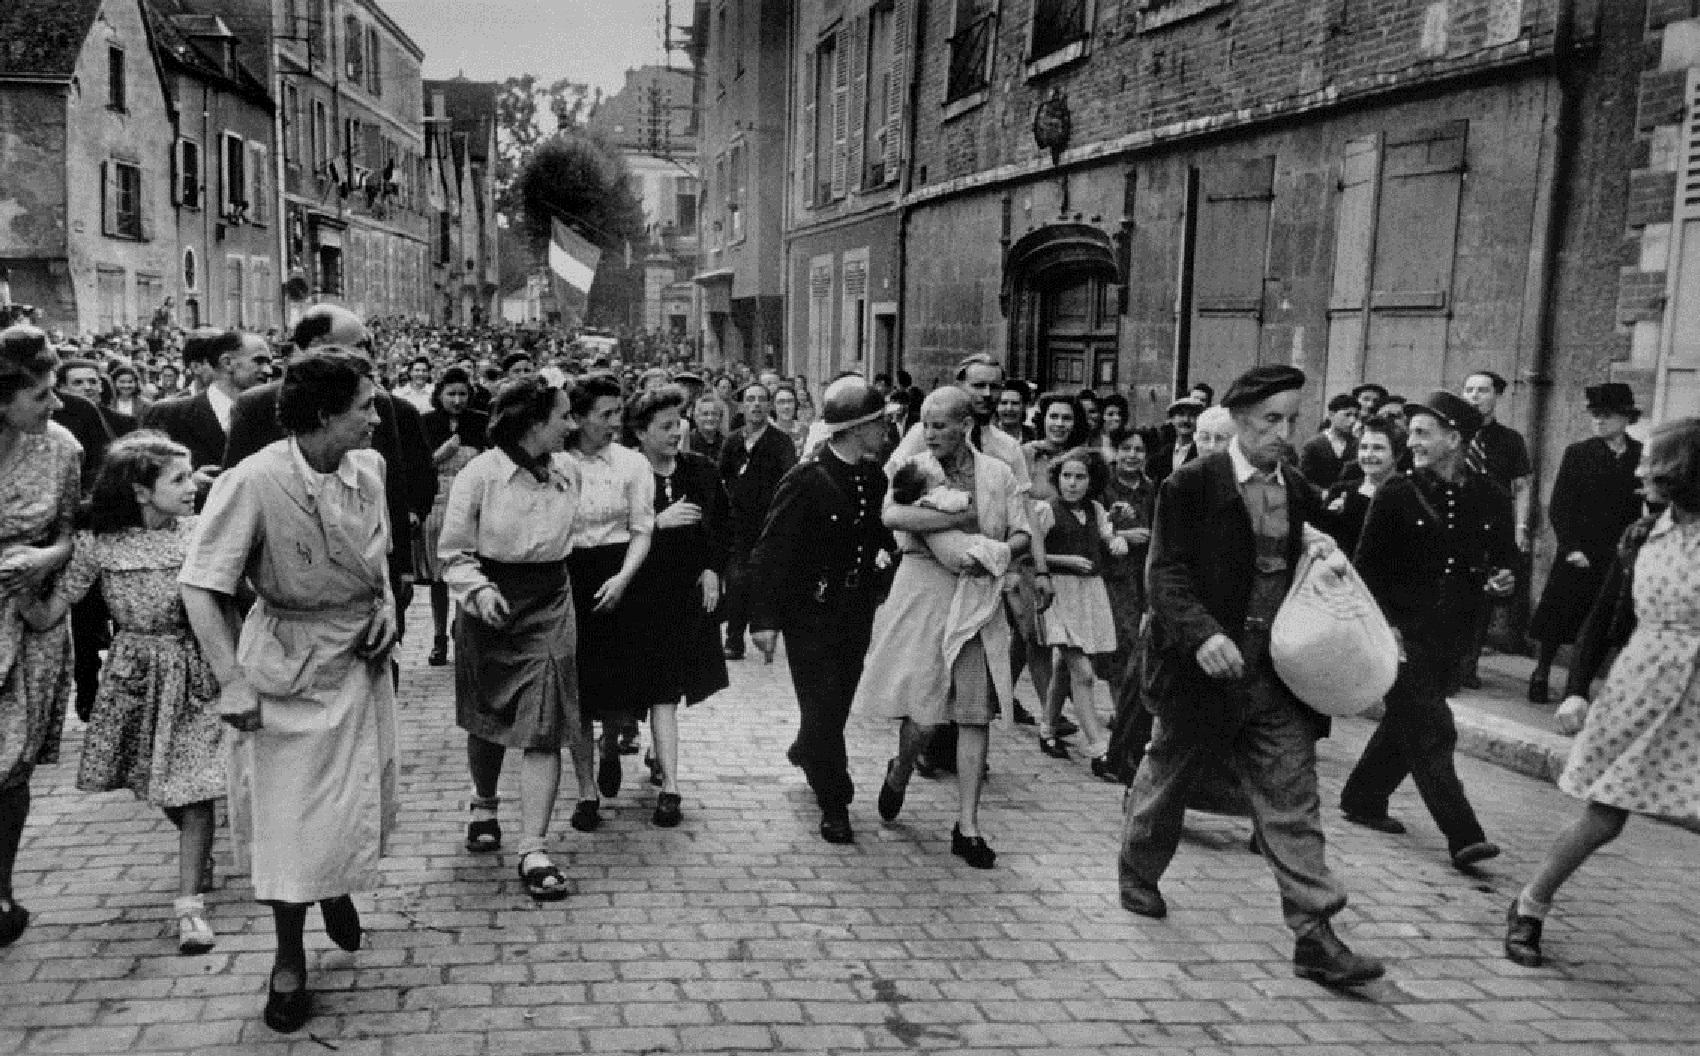 Robert Capa in Italia 1943-1944: un'esposizione sulla fine della guerra in mostra sino al 26 aprile, Milano